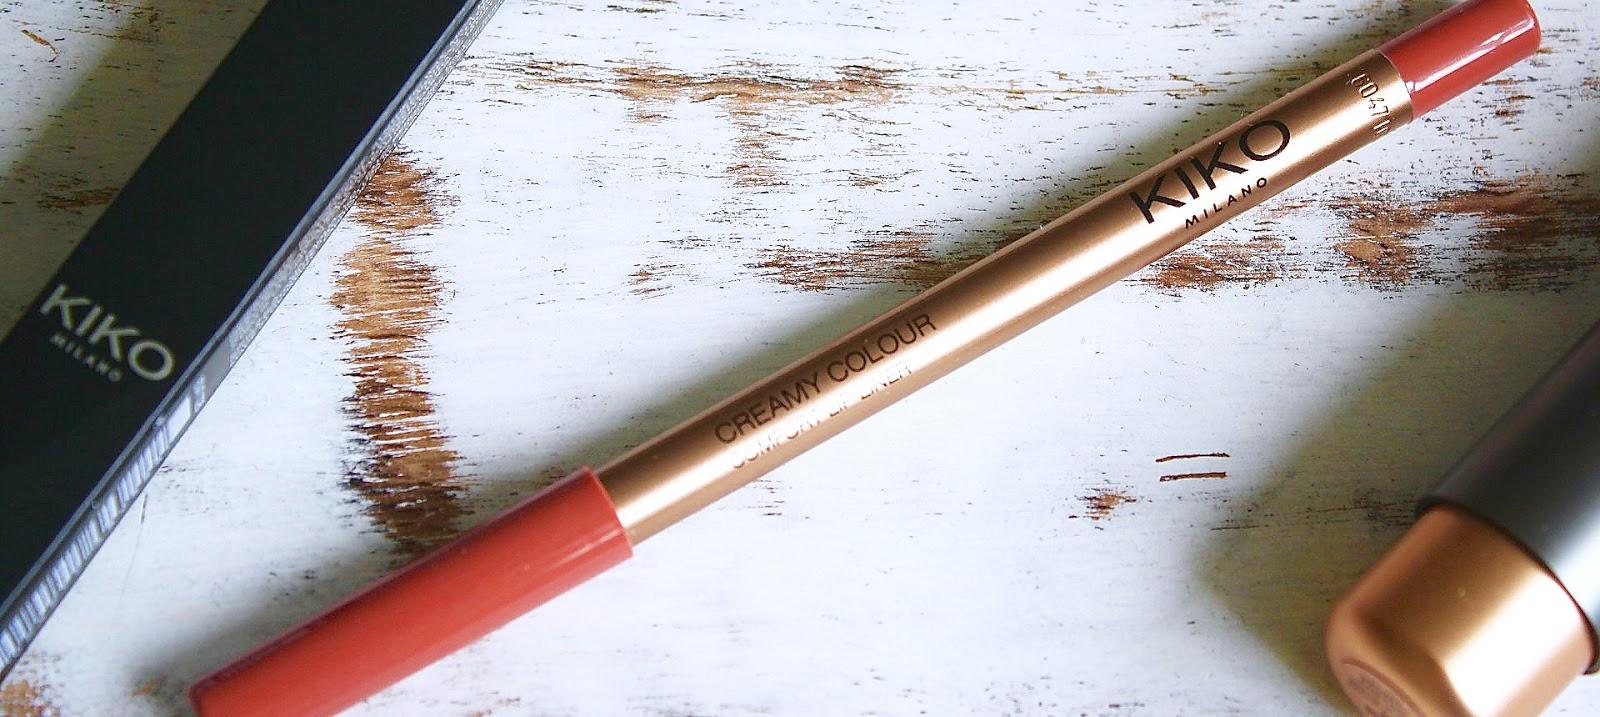 Kiko Milano Lip Products Review